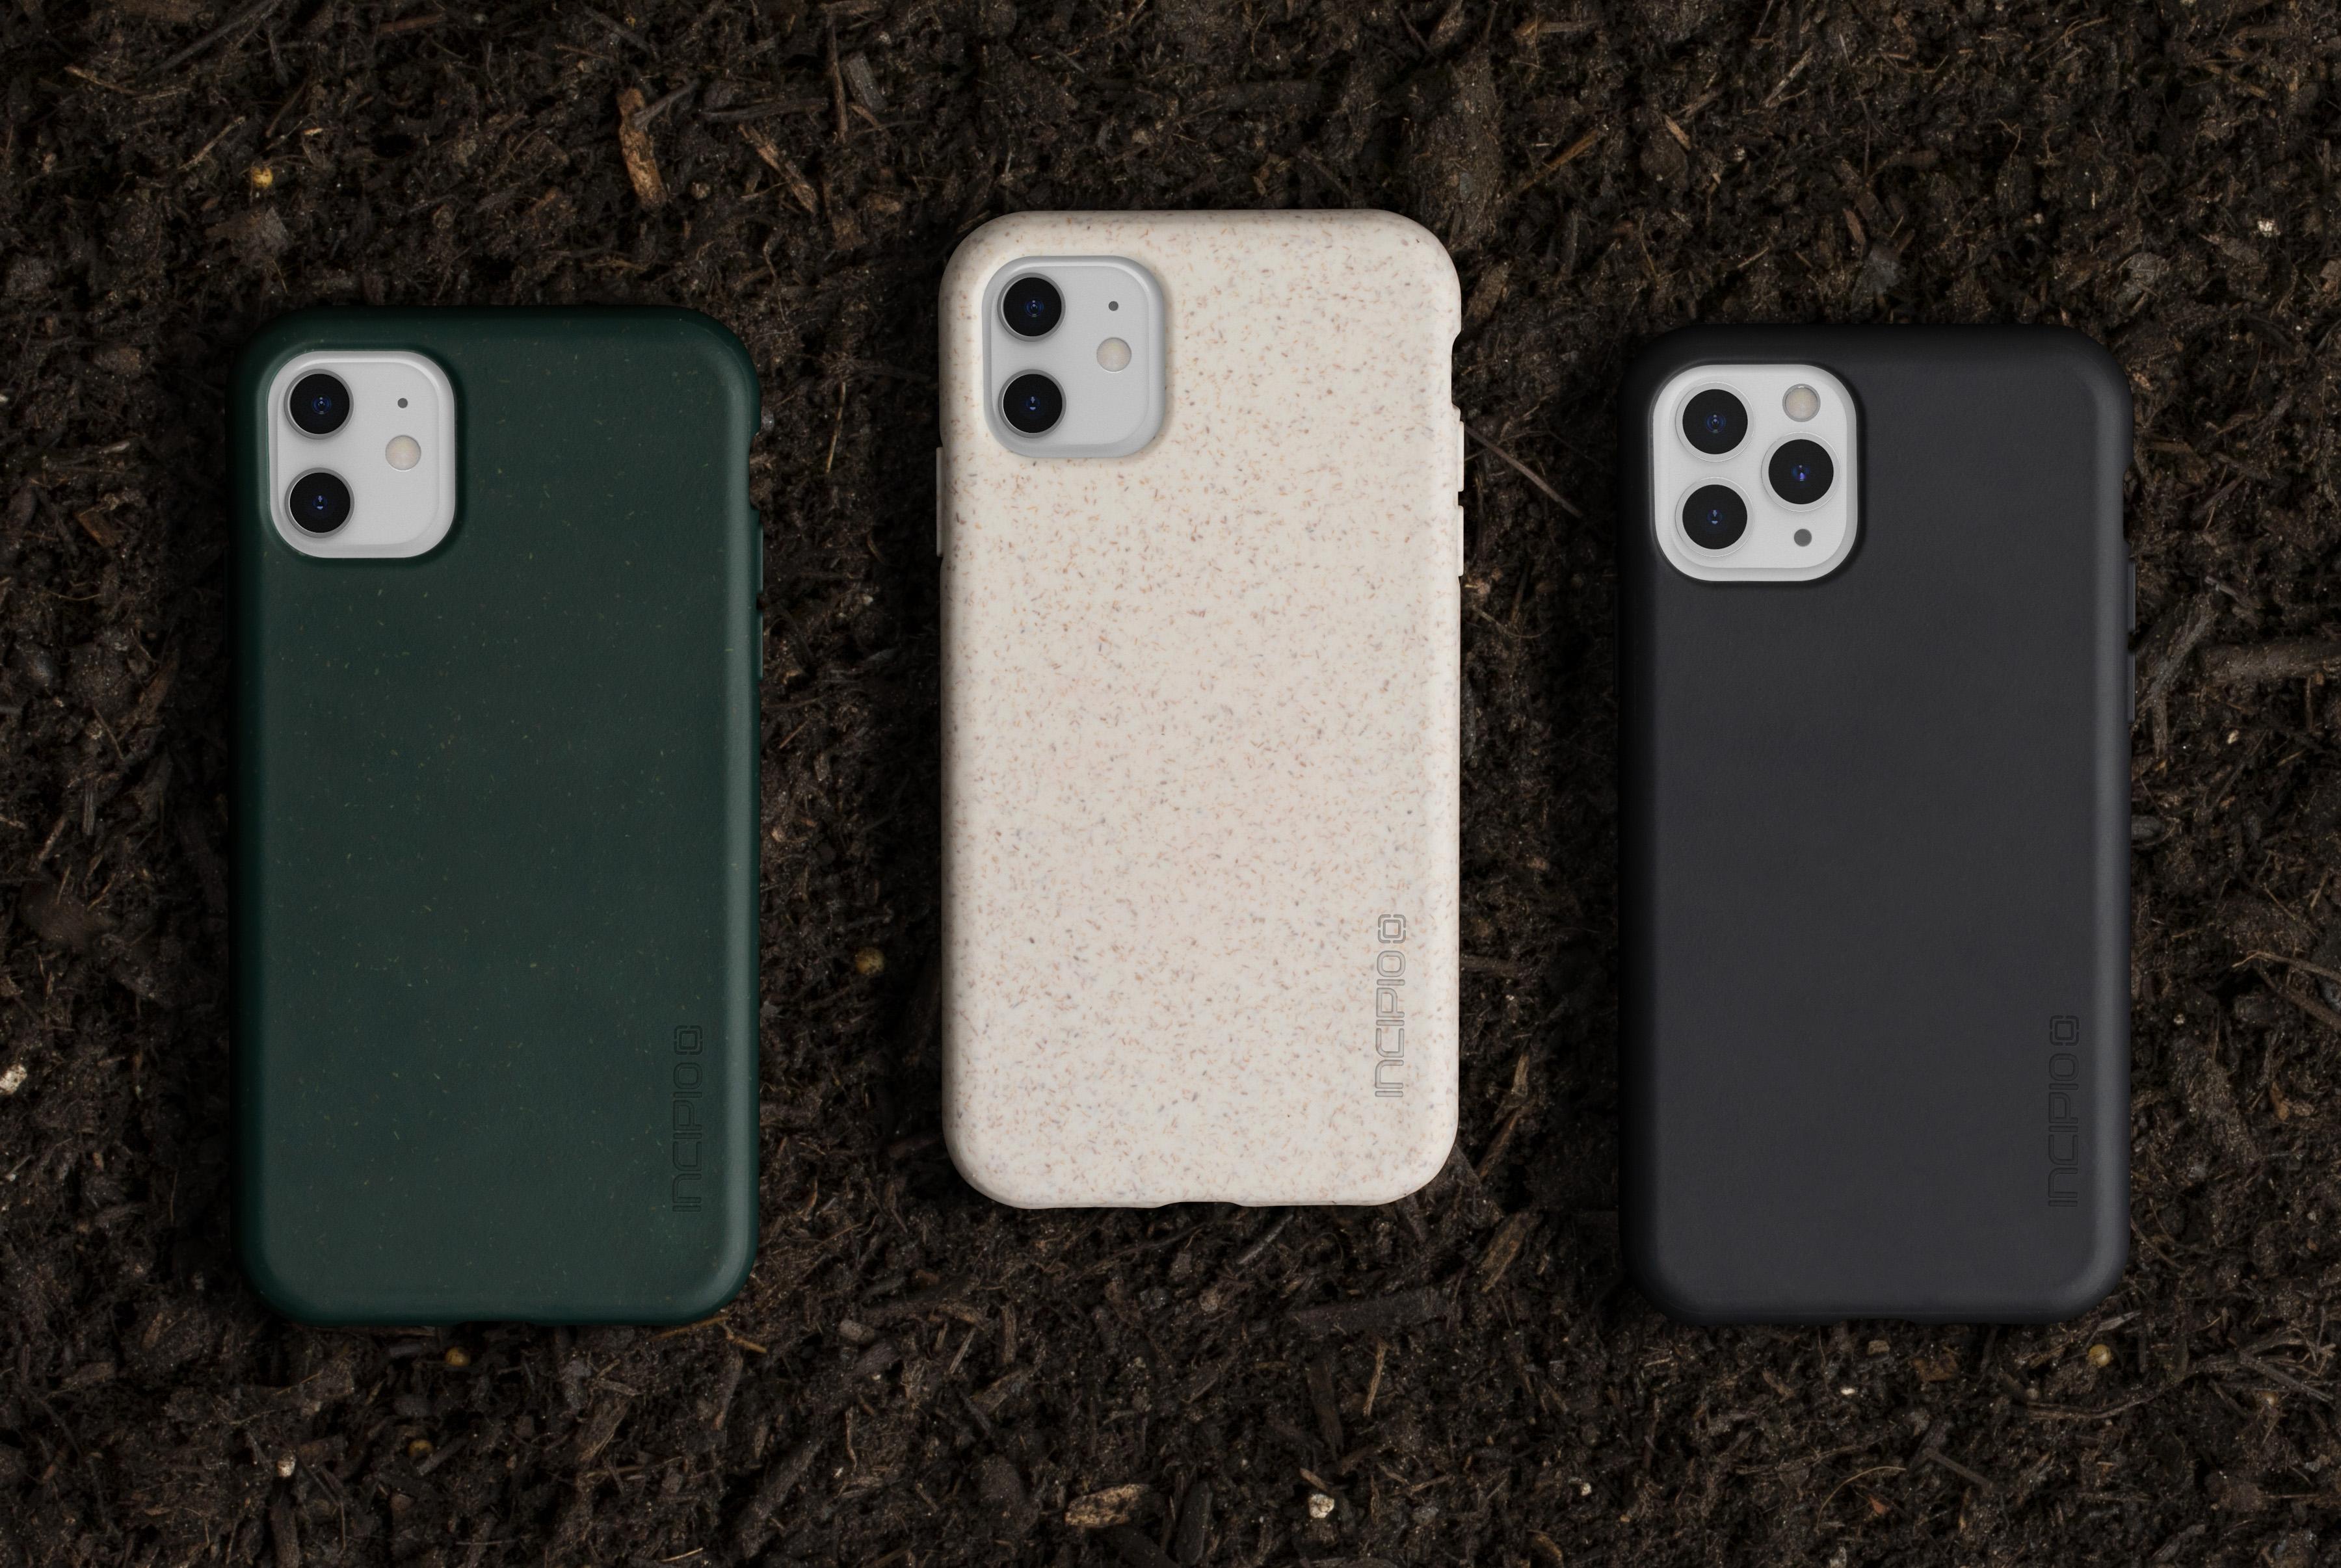 Incipio's Organicore iPhone cases - CNN Underscored